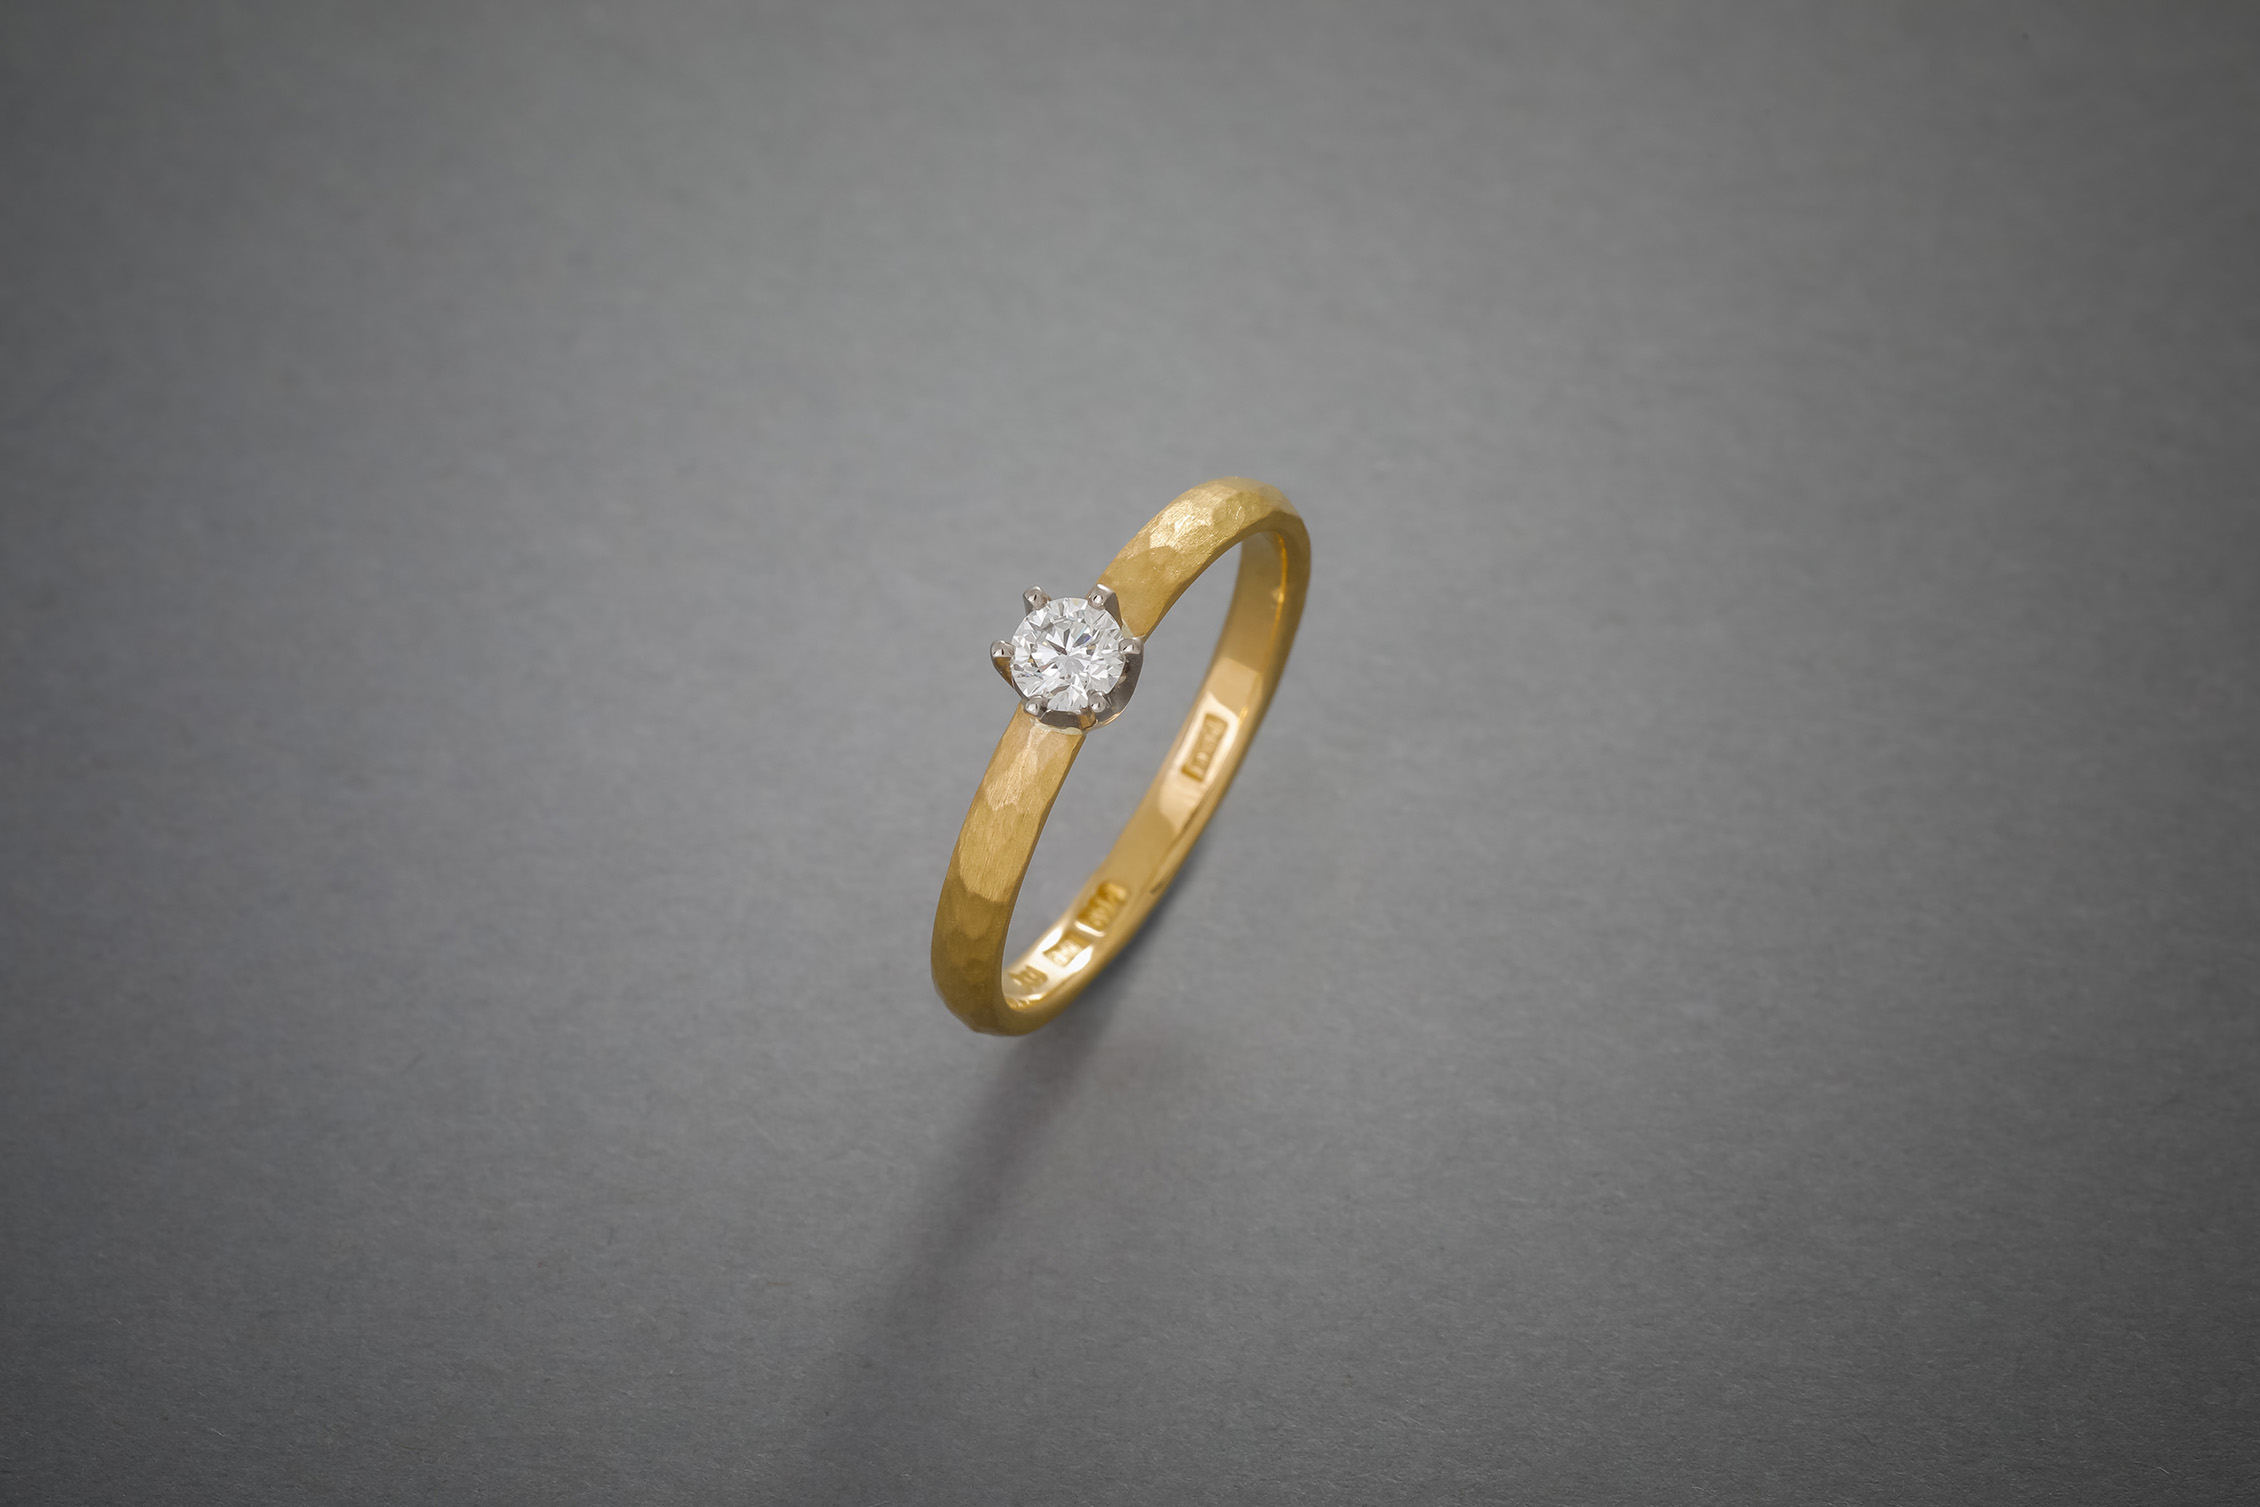 062 Verlobungsring, 21kt Gelbgold, geschmiedet, Brillant Kronenfassung, Preis auf Anfrage